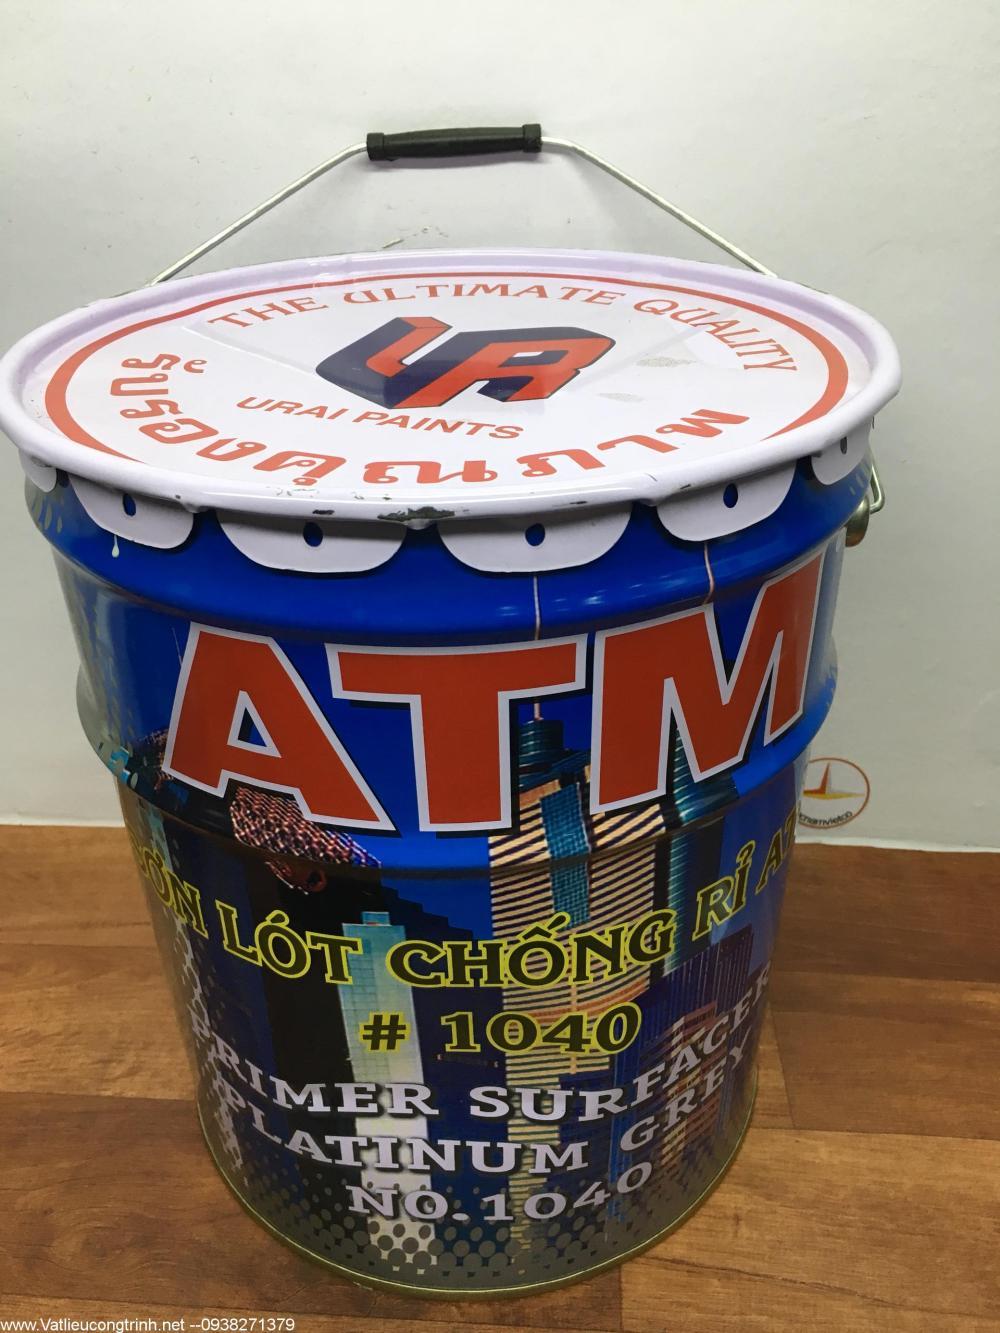 SON LOT CHONG RI ATM #1040 MAU XAM 17 (2)